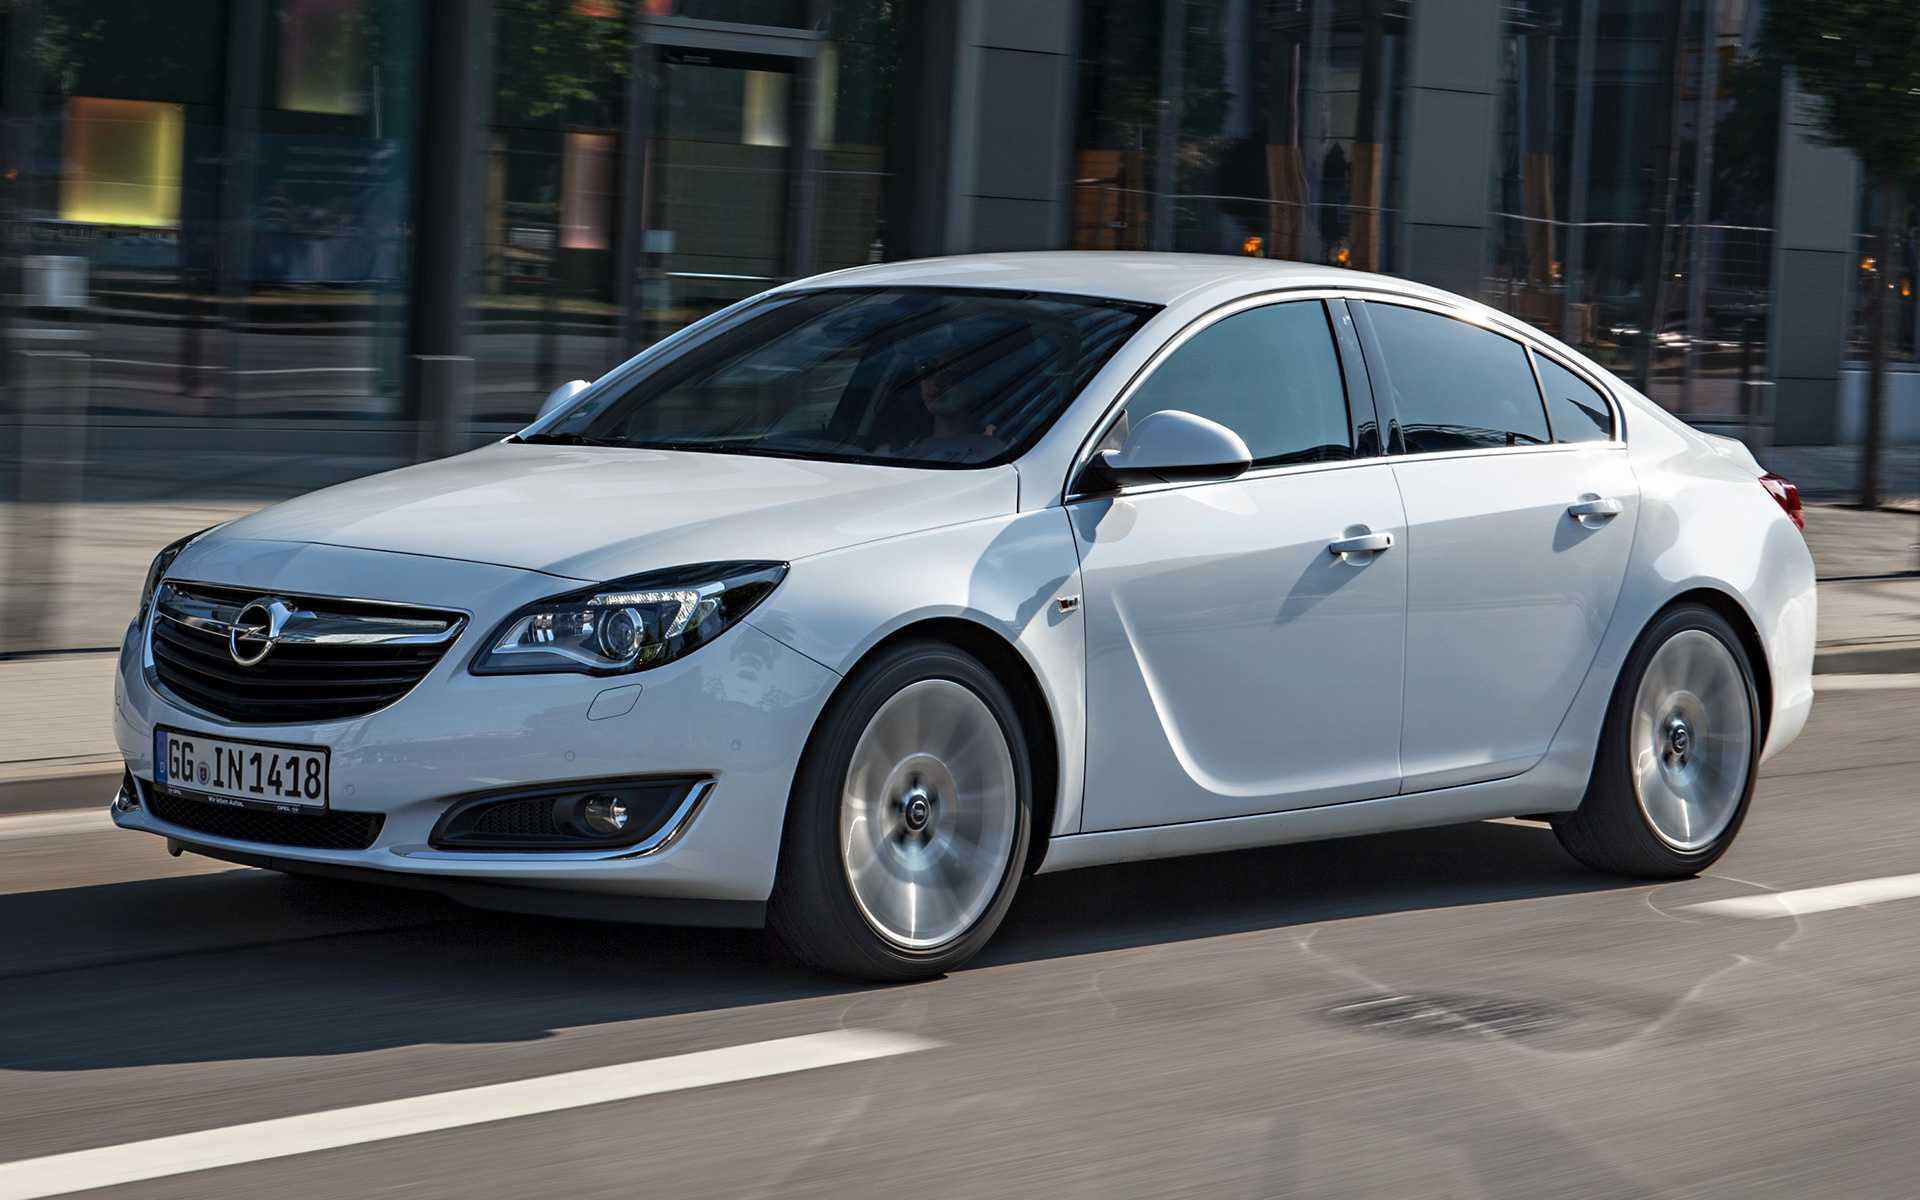 Opel insignia 2020 года — динамичный седан с обширным списком бортового оснащения